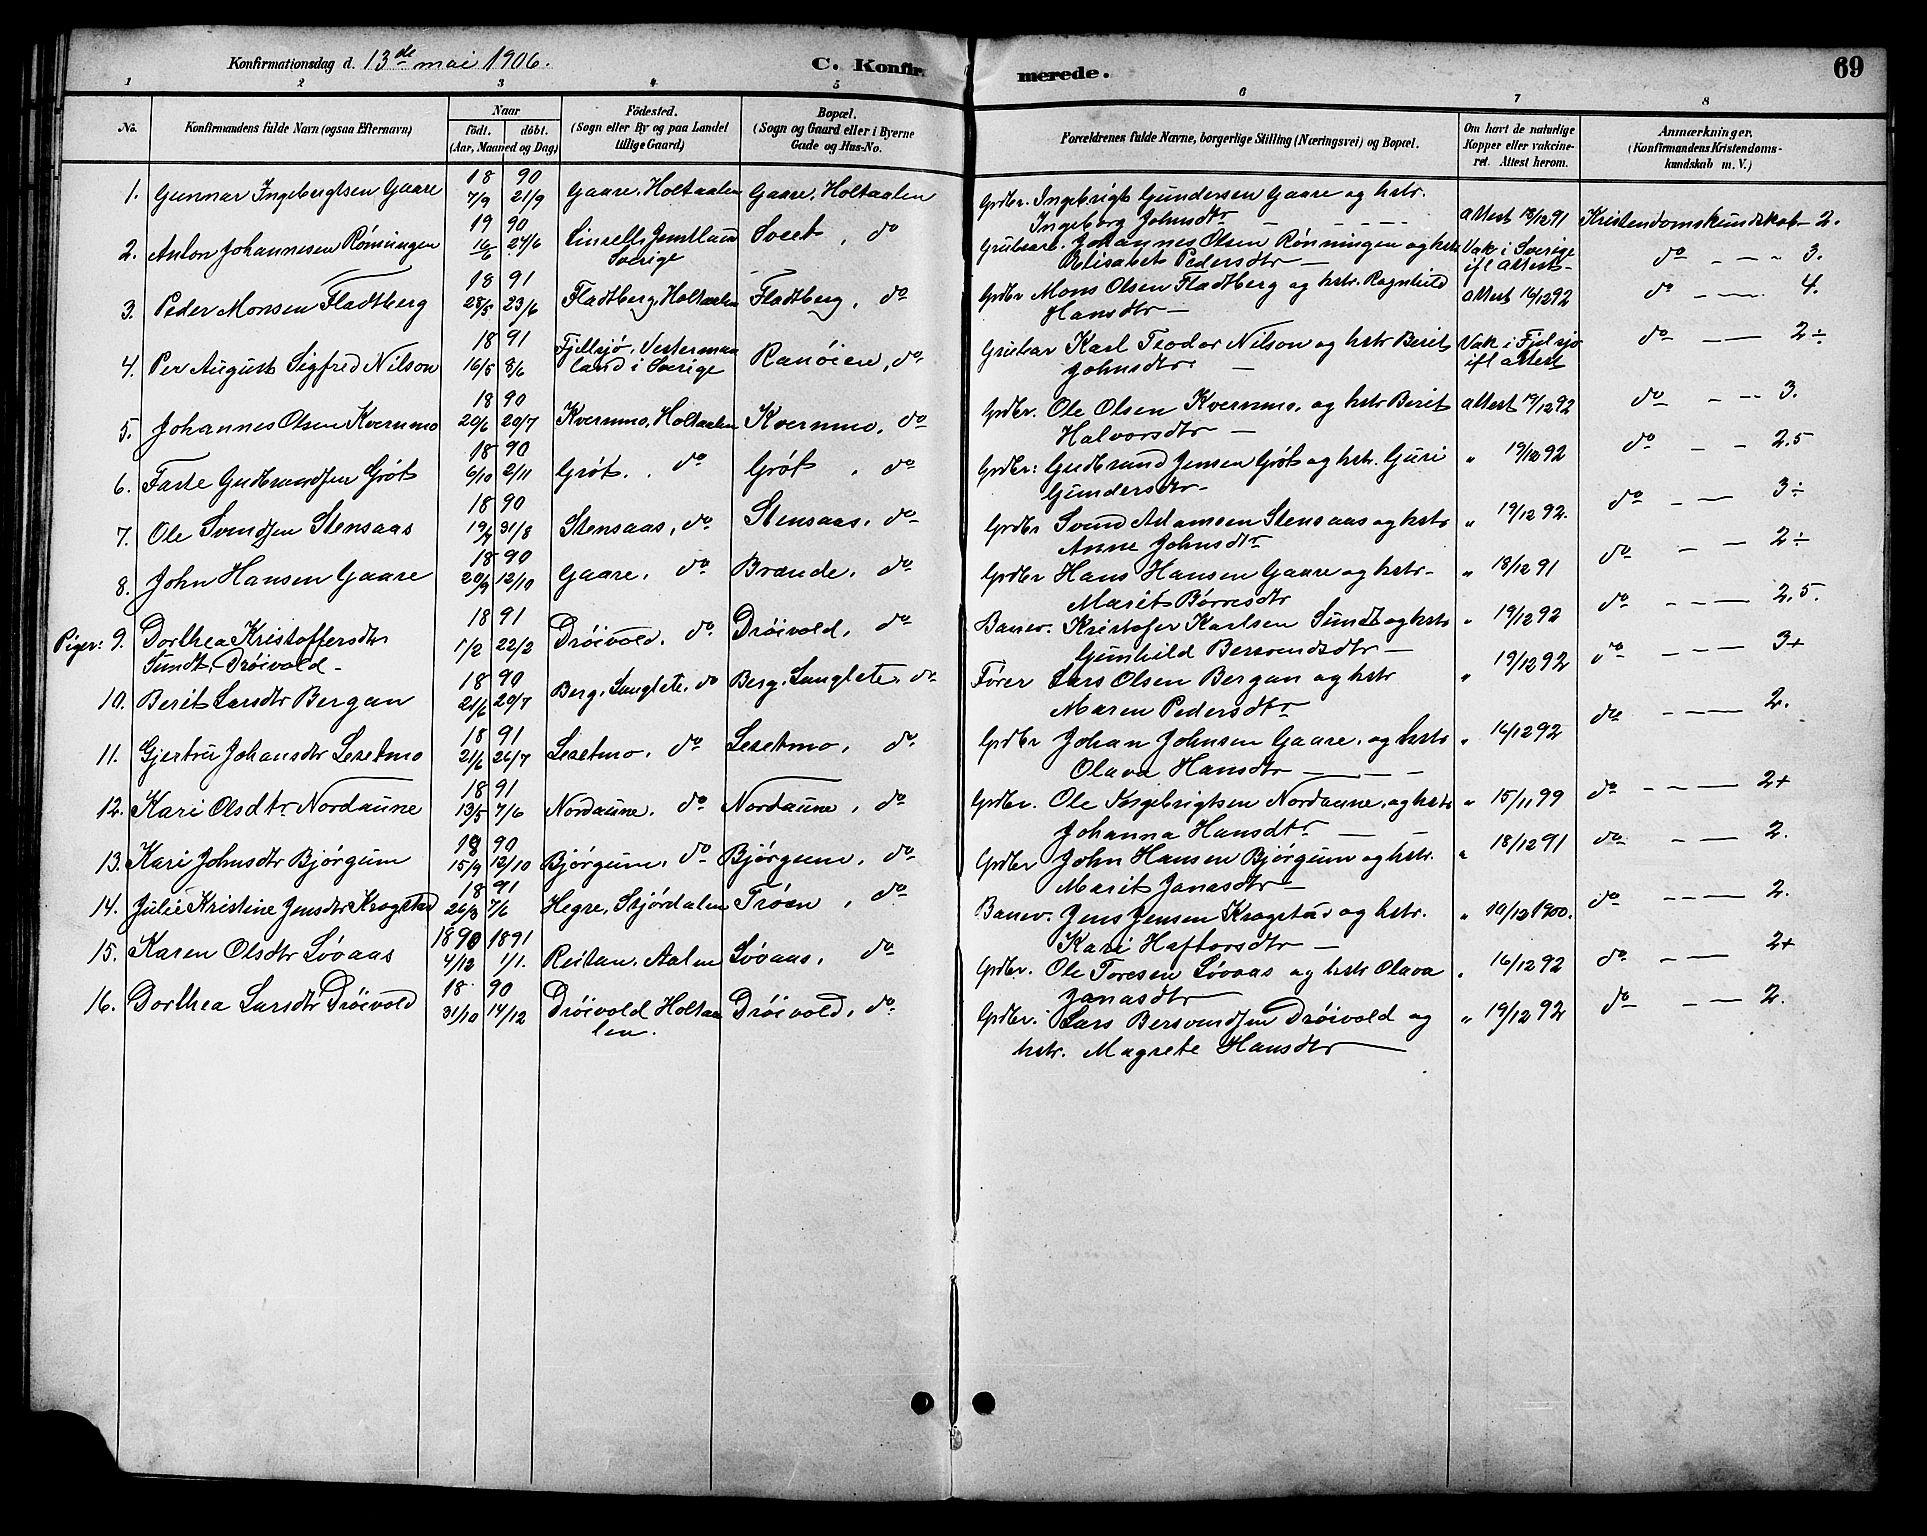 SAT, Ministerialprotokoller, klokkerbøker og fødselsregistre - Sør-Trøndelag, 685/L0978: Klokkerbok nr. 685C03, 1891-1907, s. 69